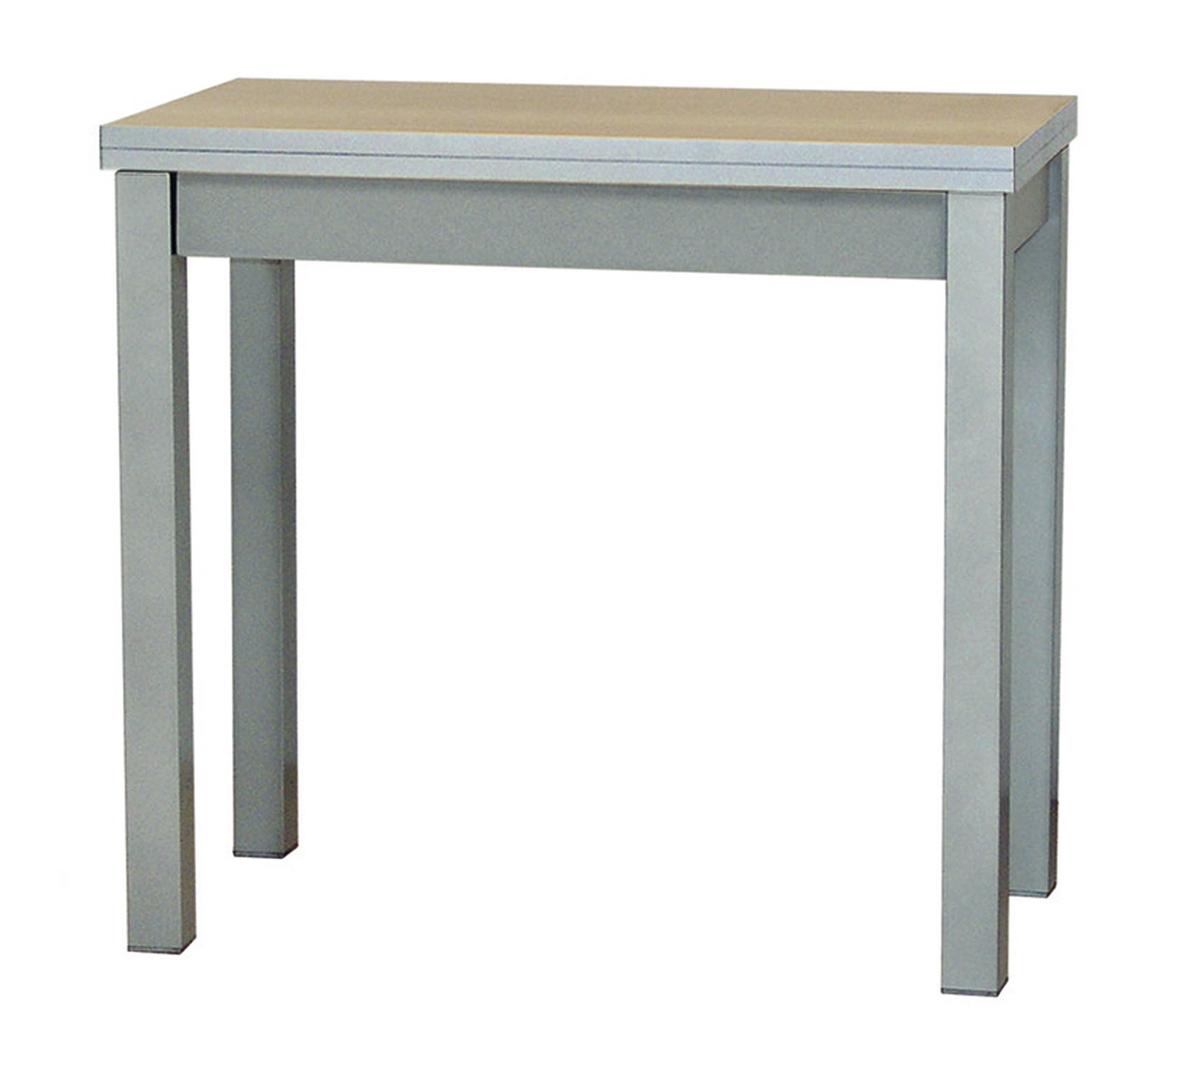 Mesa cocina b 7 decora descans complementos mueble hogar - Mueble mesa cocina ...